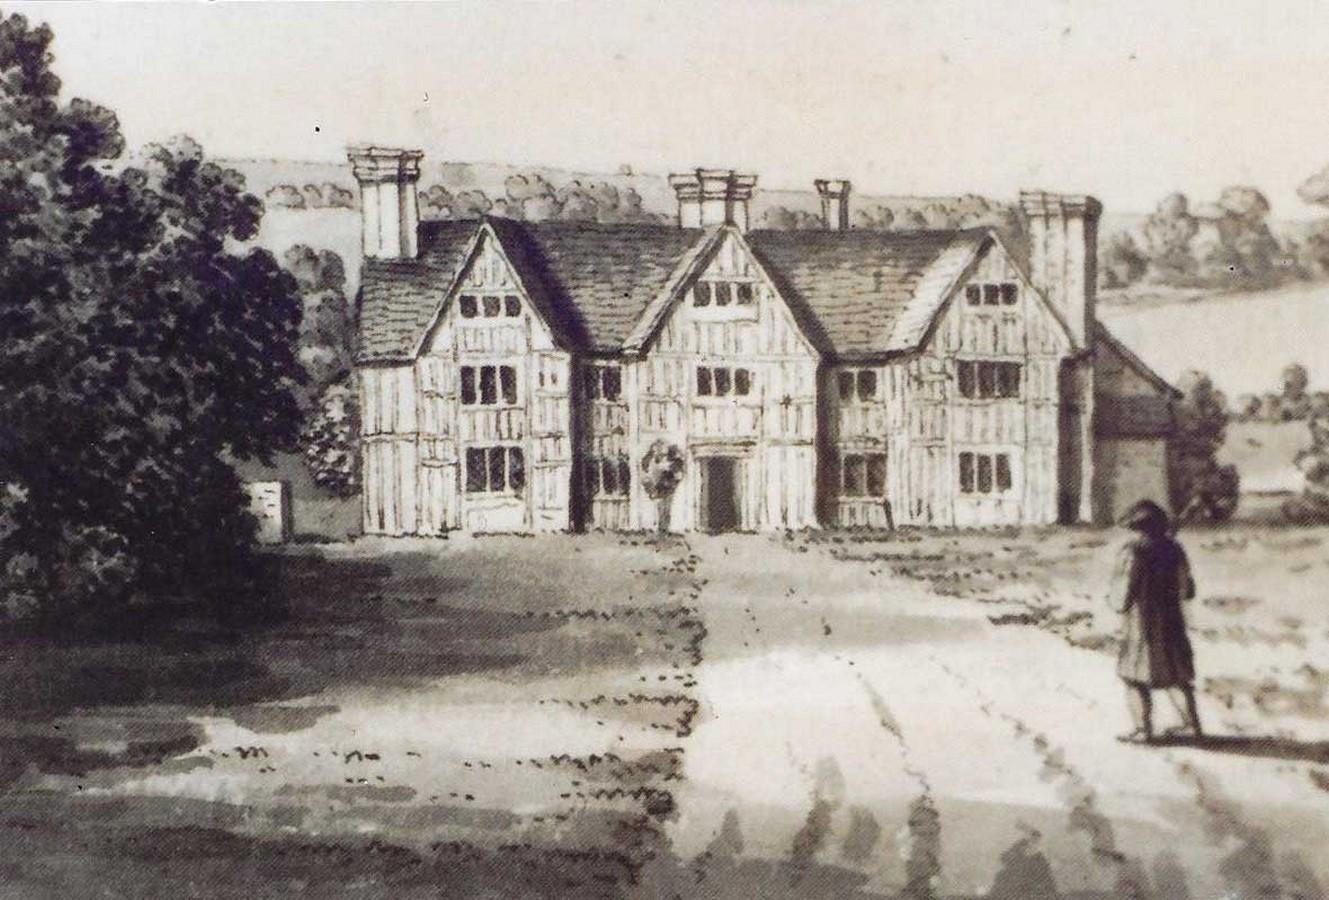 Pashley manor, Wadhurst, England - Sheet2